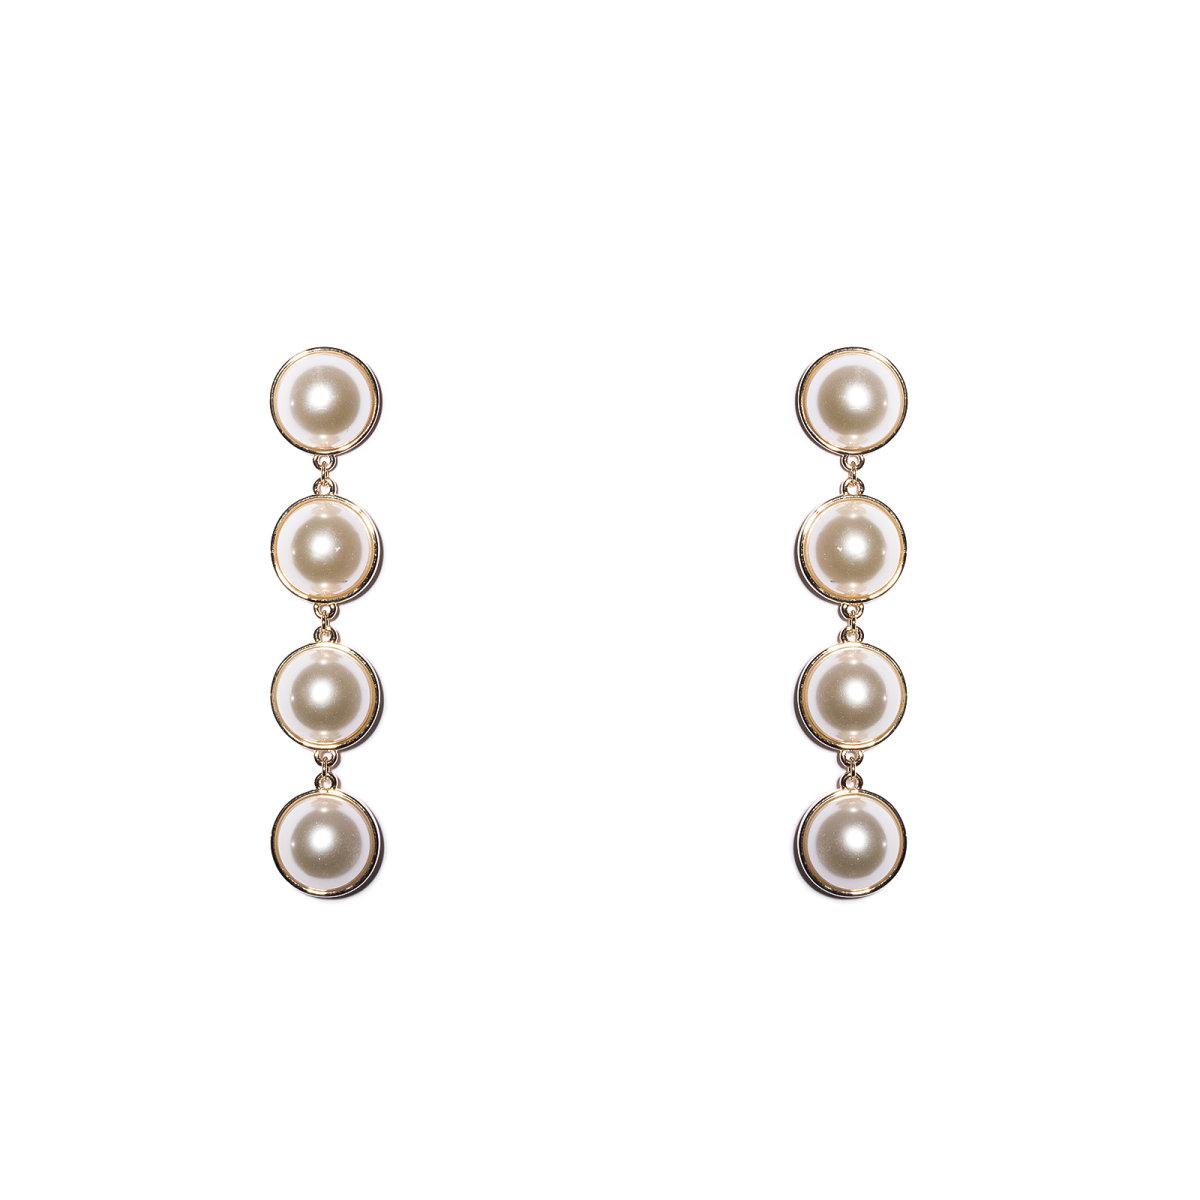 Cercei eleganti cu detalii tip perle Auriu